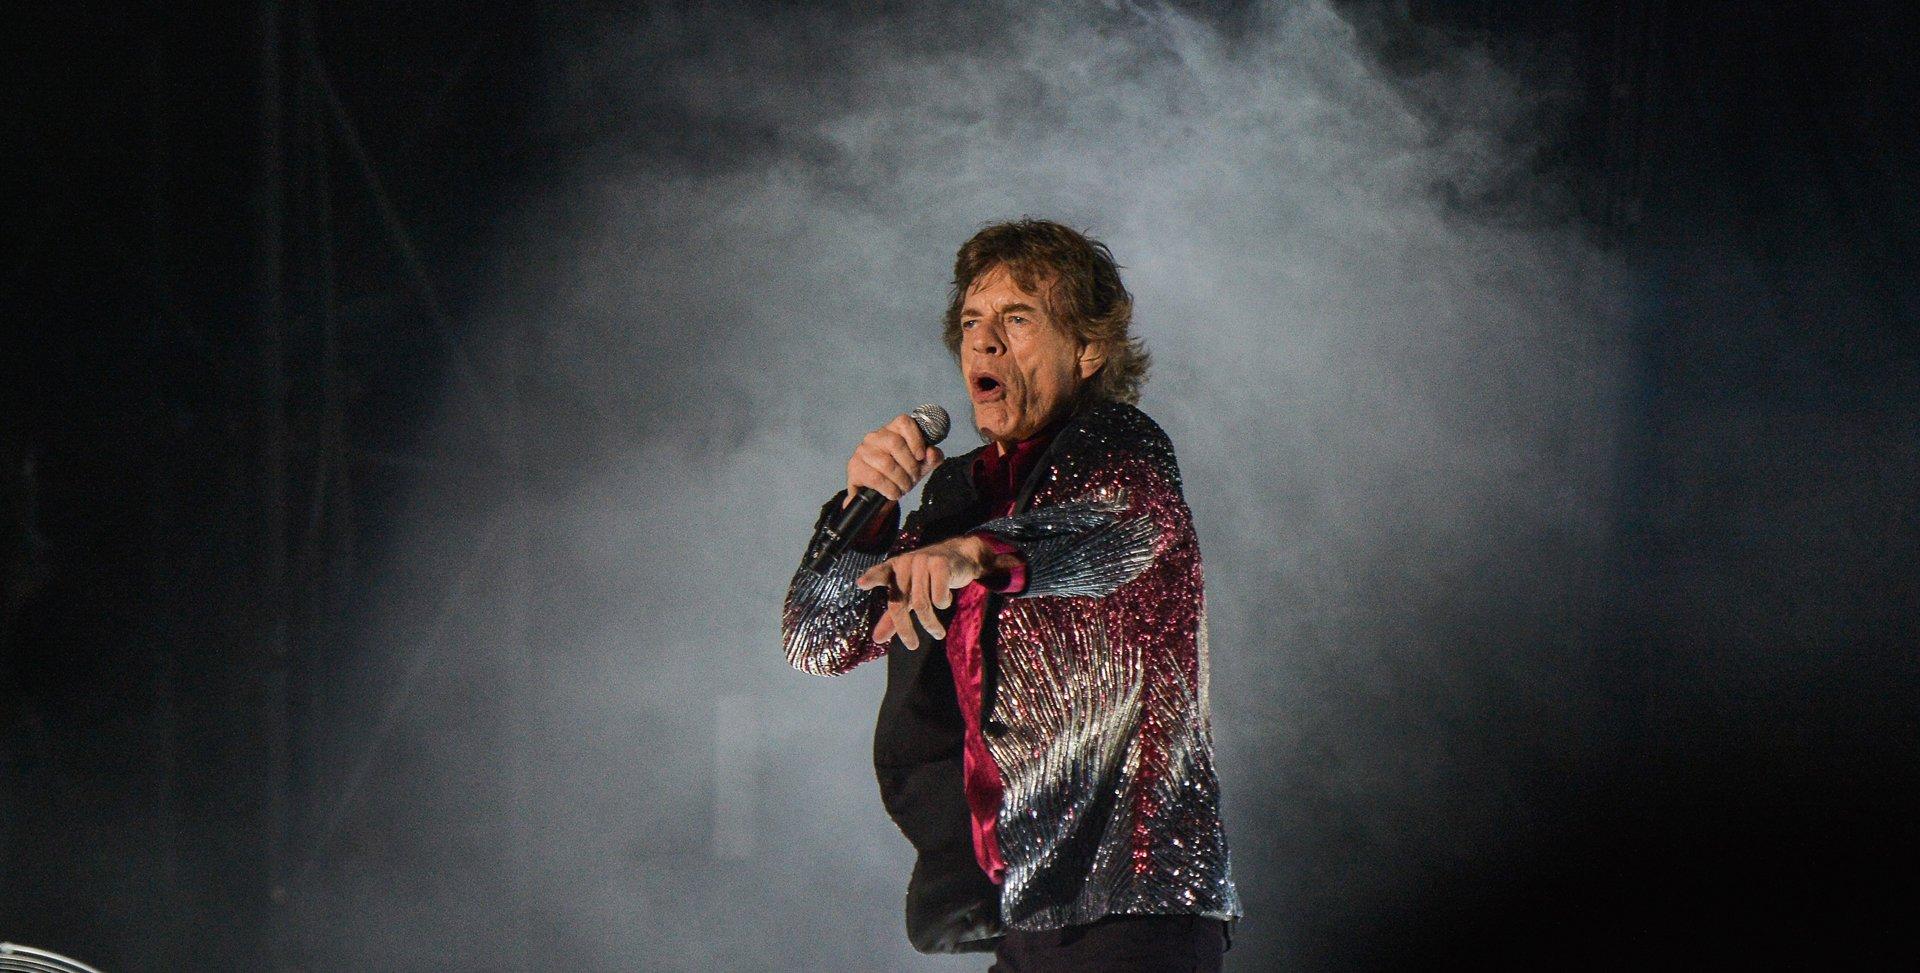 Hola Habana, buenas noches mi gente de Cuba, dijo Jagger al inicio del recital